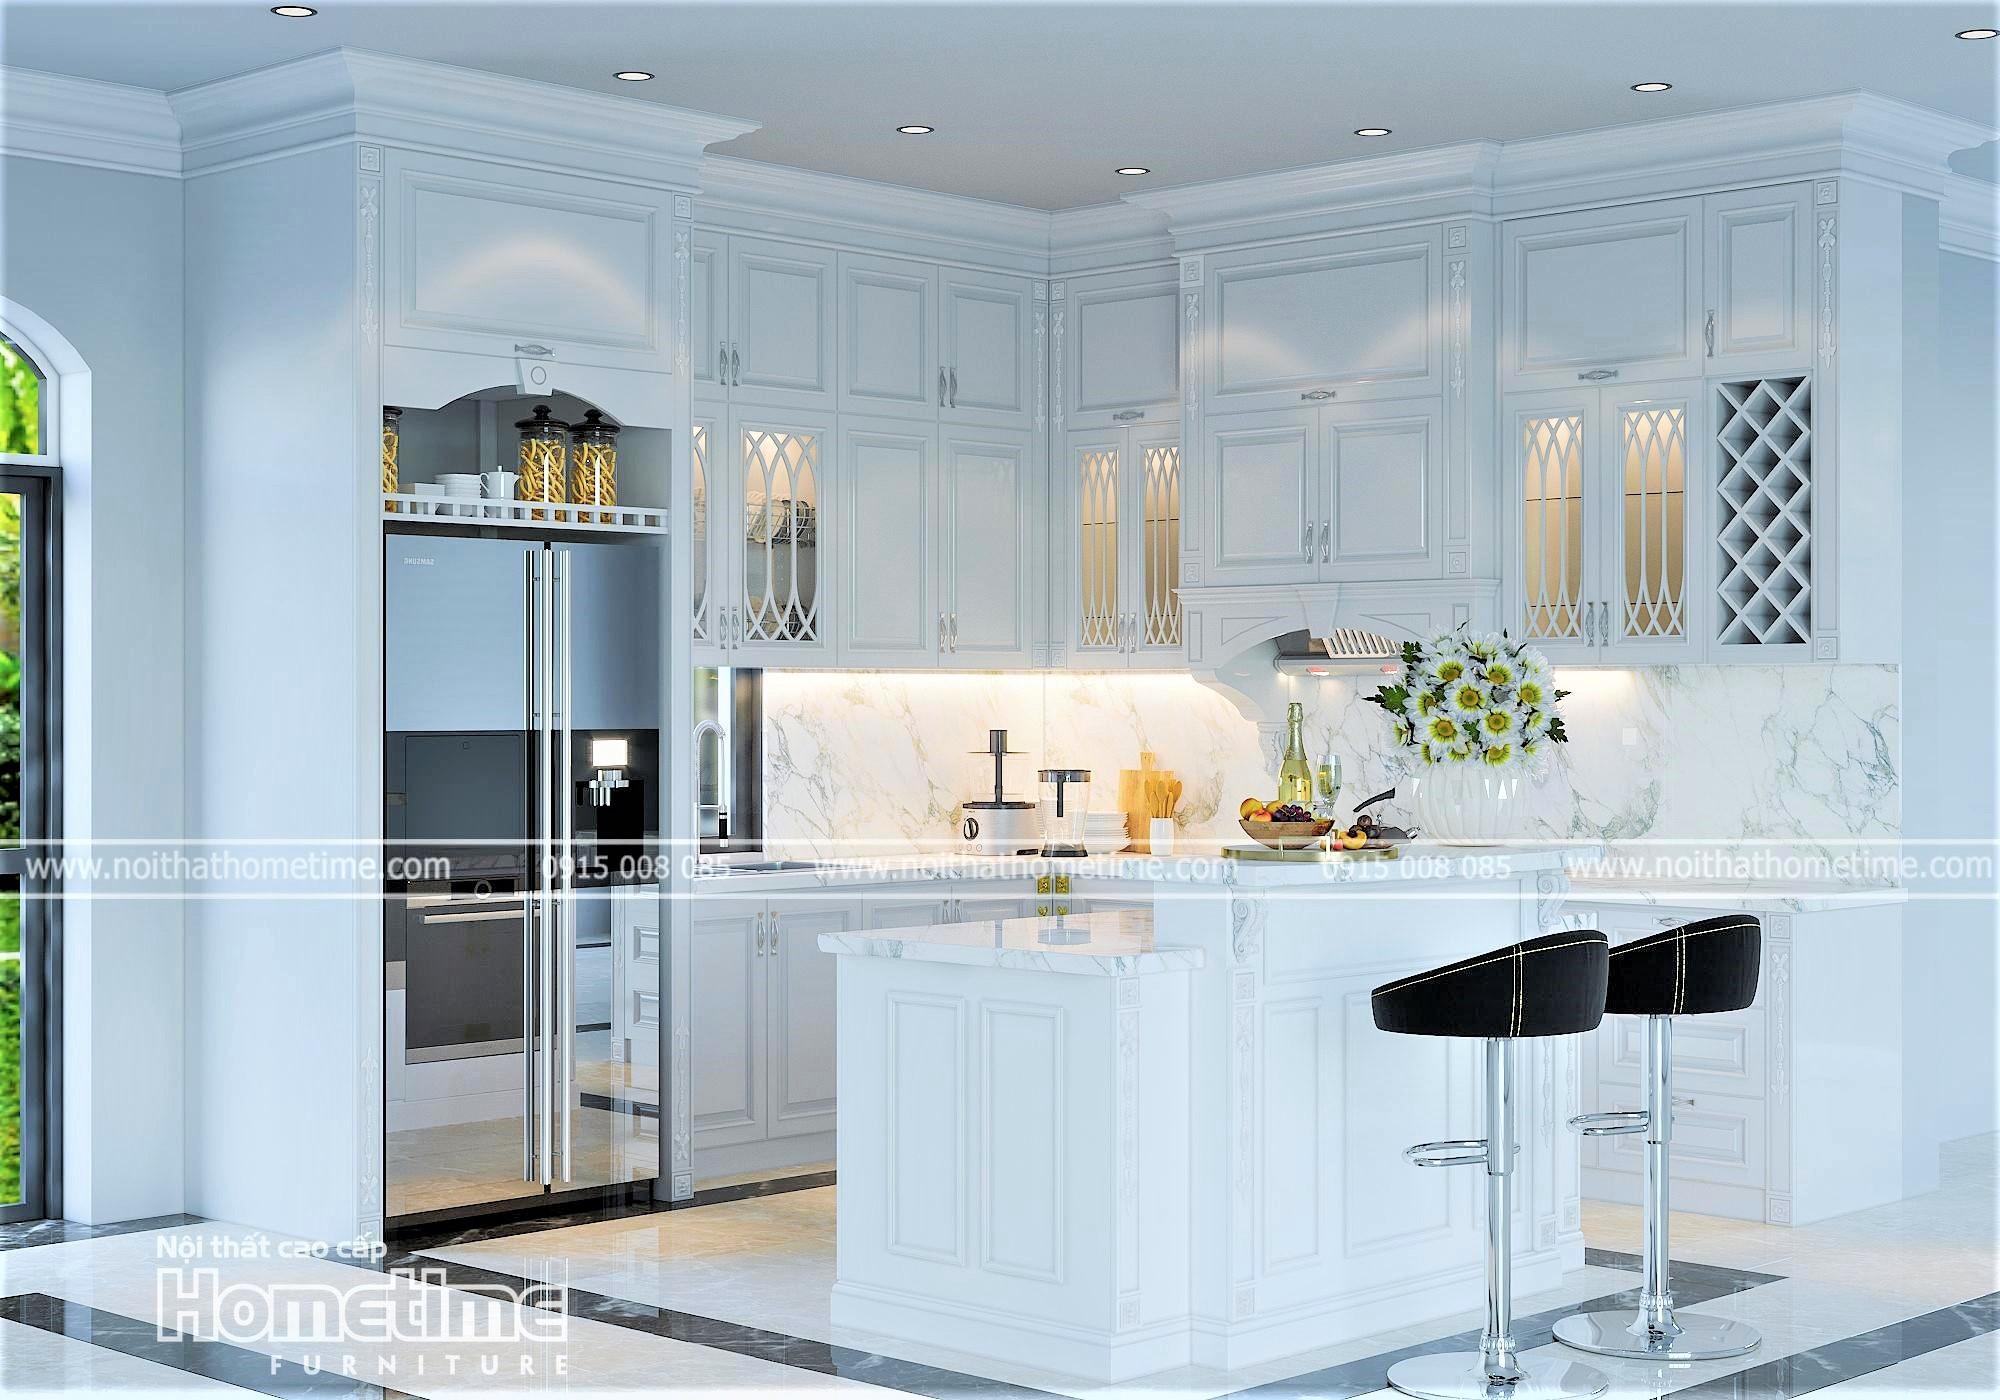 Hình ảng tủ bếp tân cổ điển đẹp sang trọng